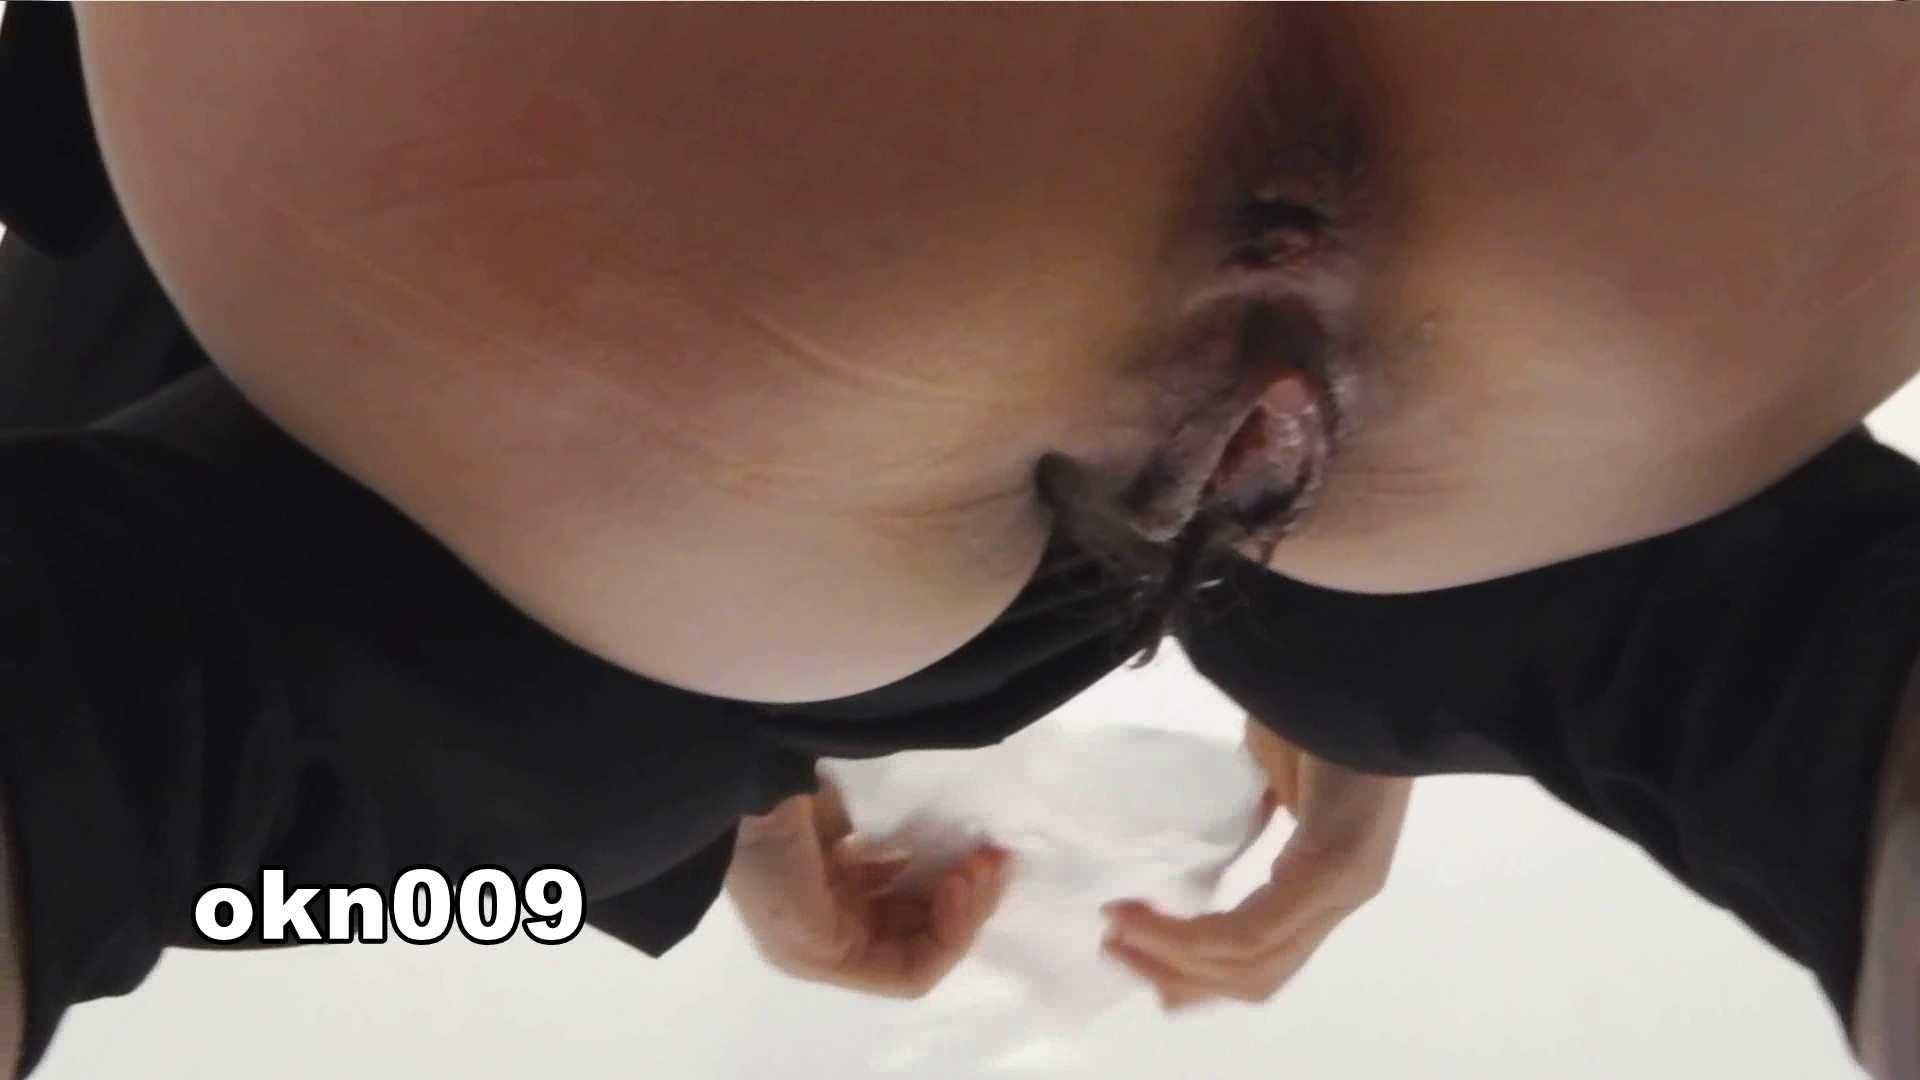 下からノゾム vol.009 リキンでモリアガった割にヒョロ 洗面所 | 丸見えマンコ  55画像 5